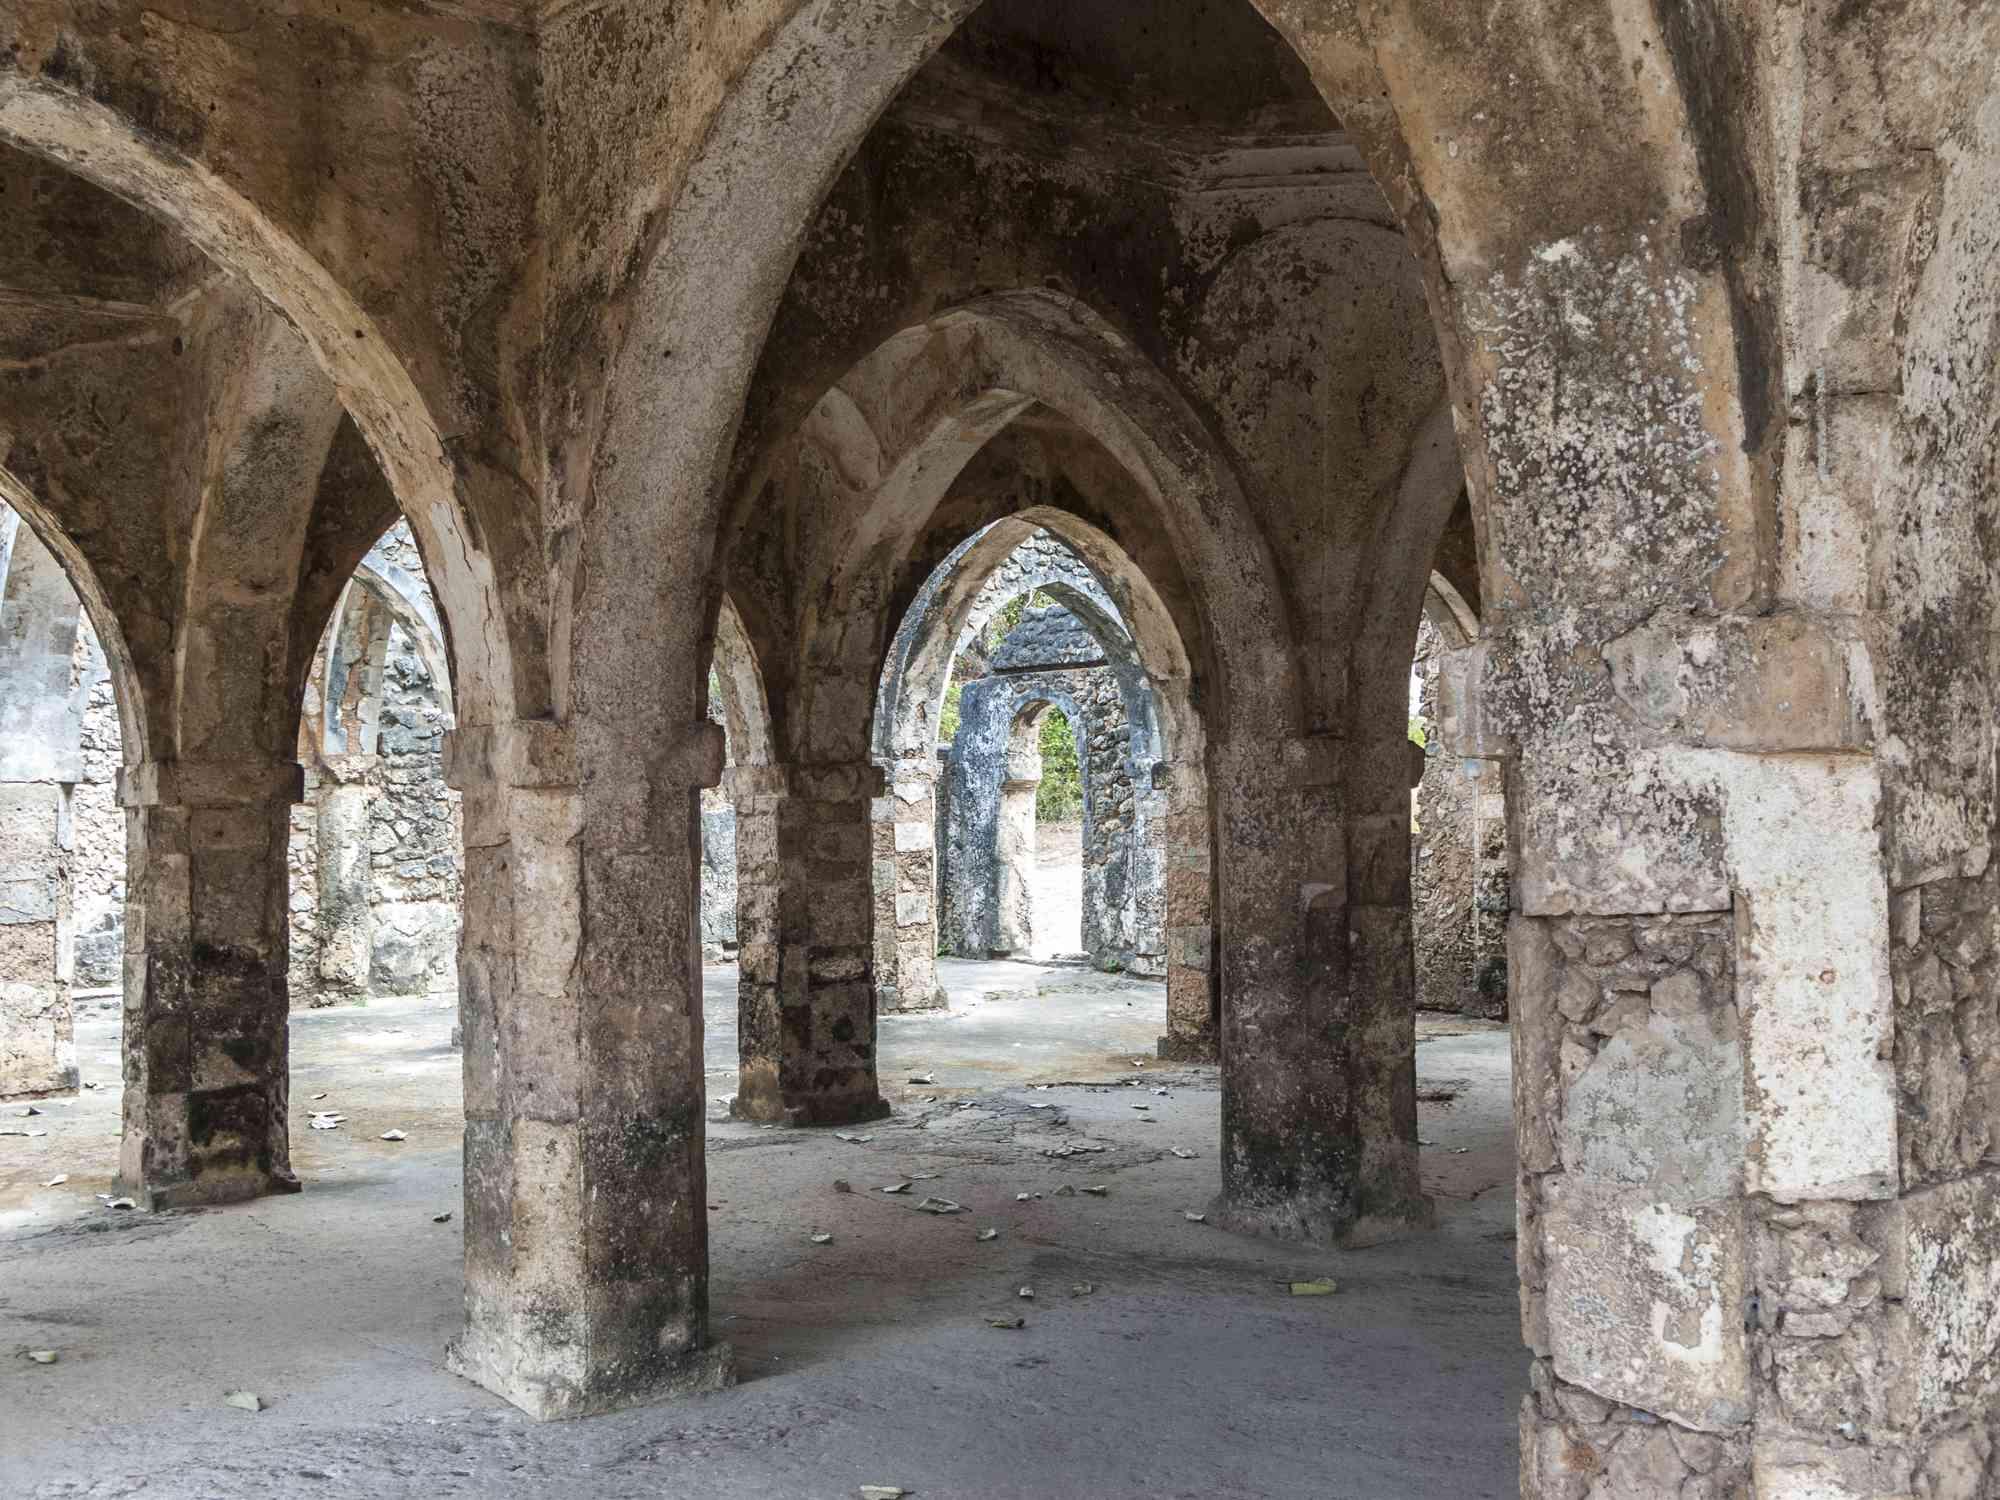 Ruins at Kilwa Kisiwani, Tanzania